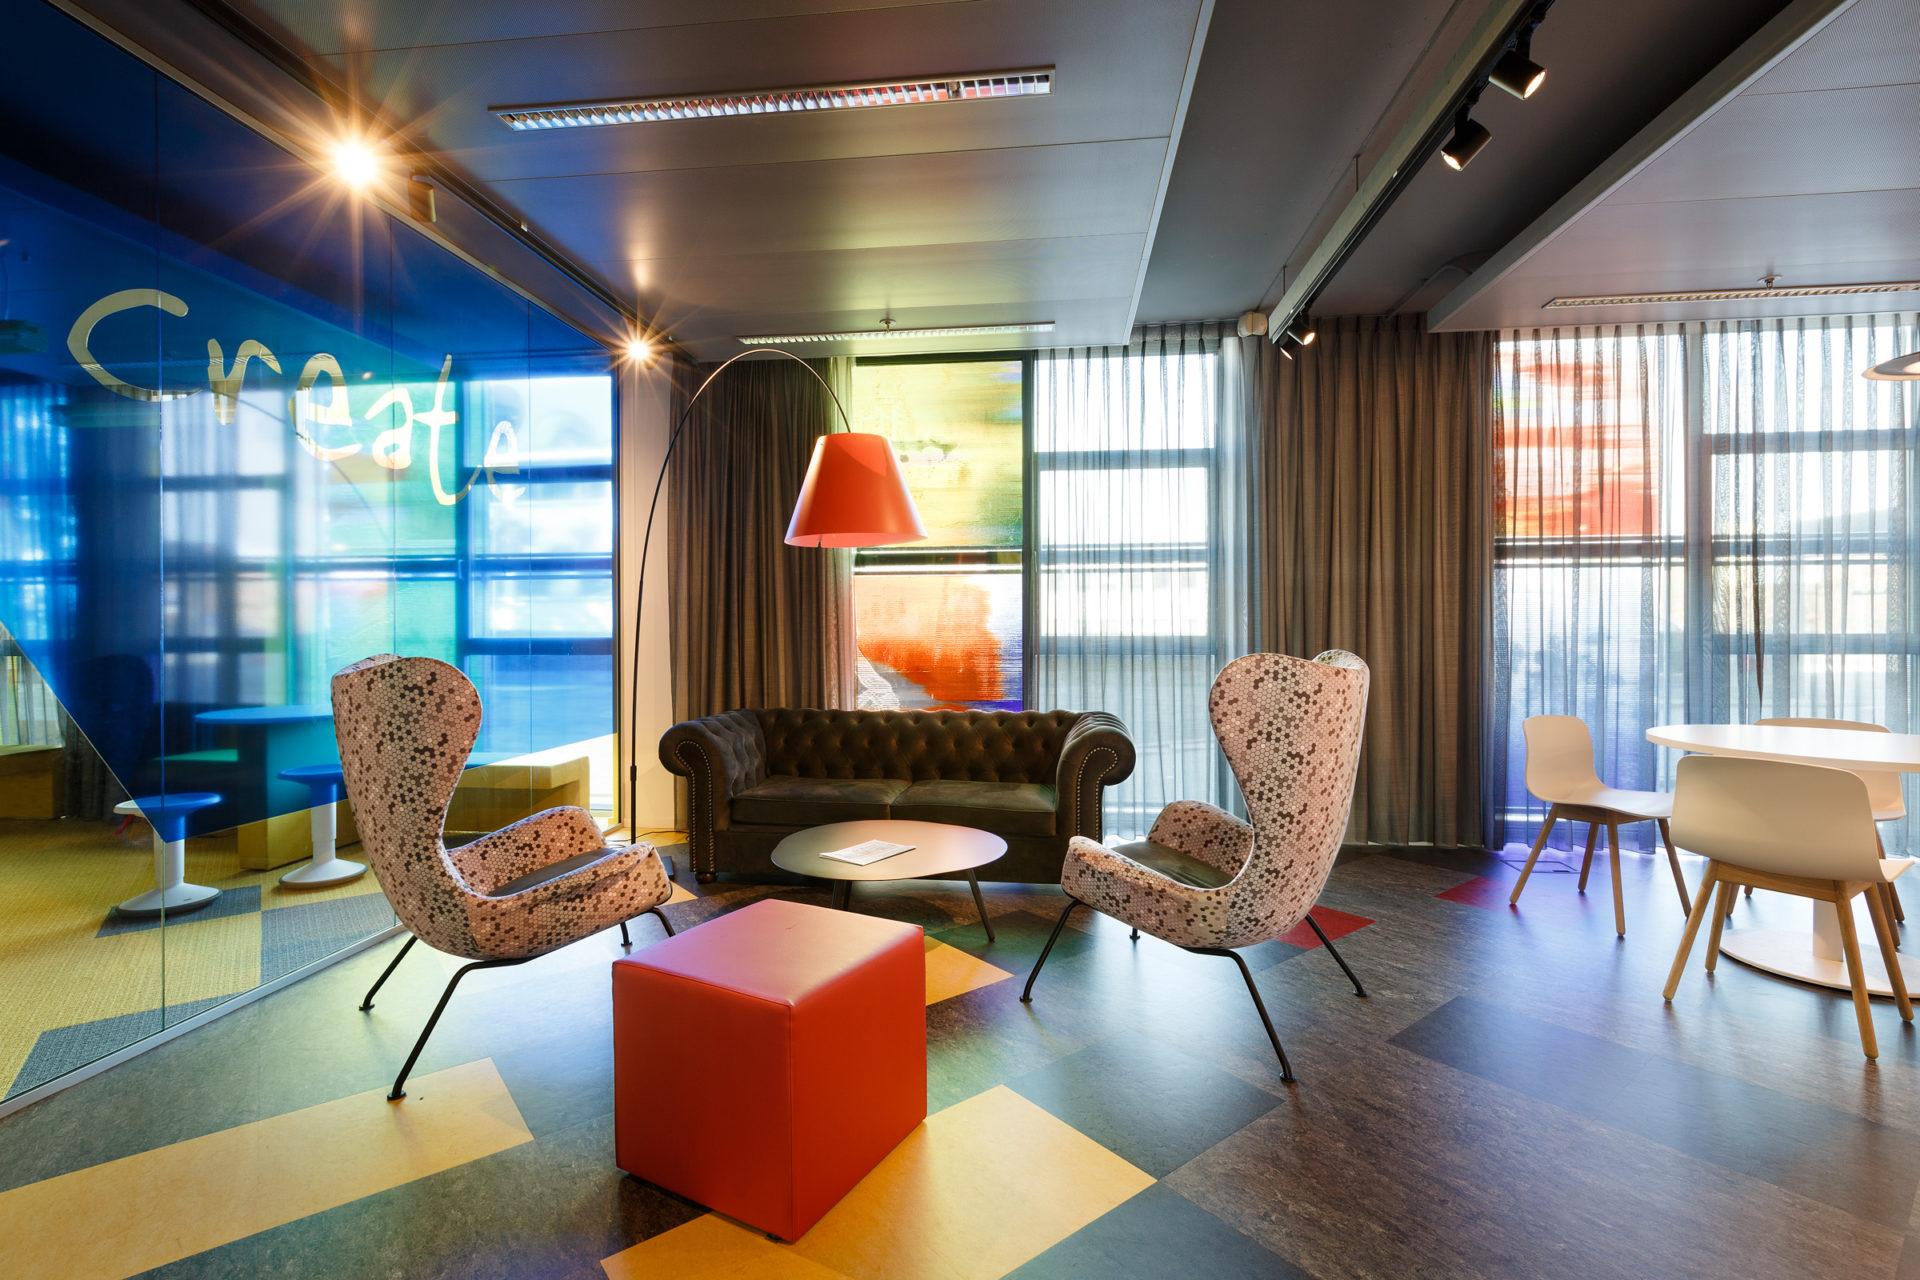 Topperprojecten - Nederlands Instituut voor Beeld en Geluid 20